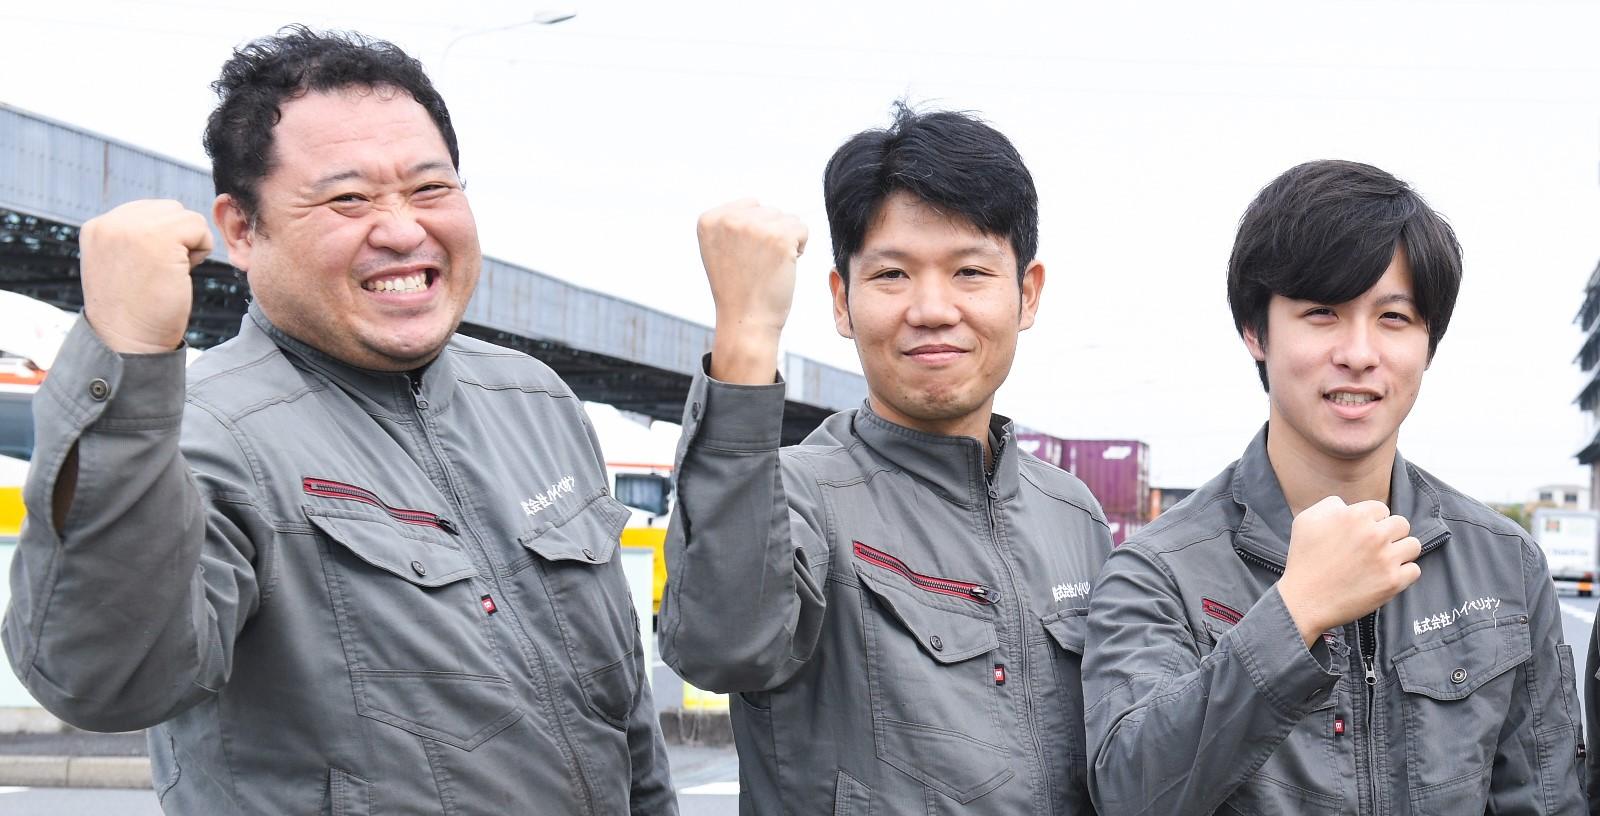 【埼玉県】エアコン取付工事から電気通信工事まで!電気工事士を大募集!【未経験OK】【独立支援制度も】